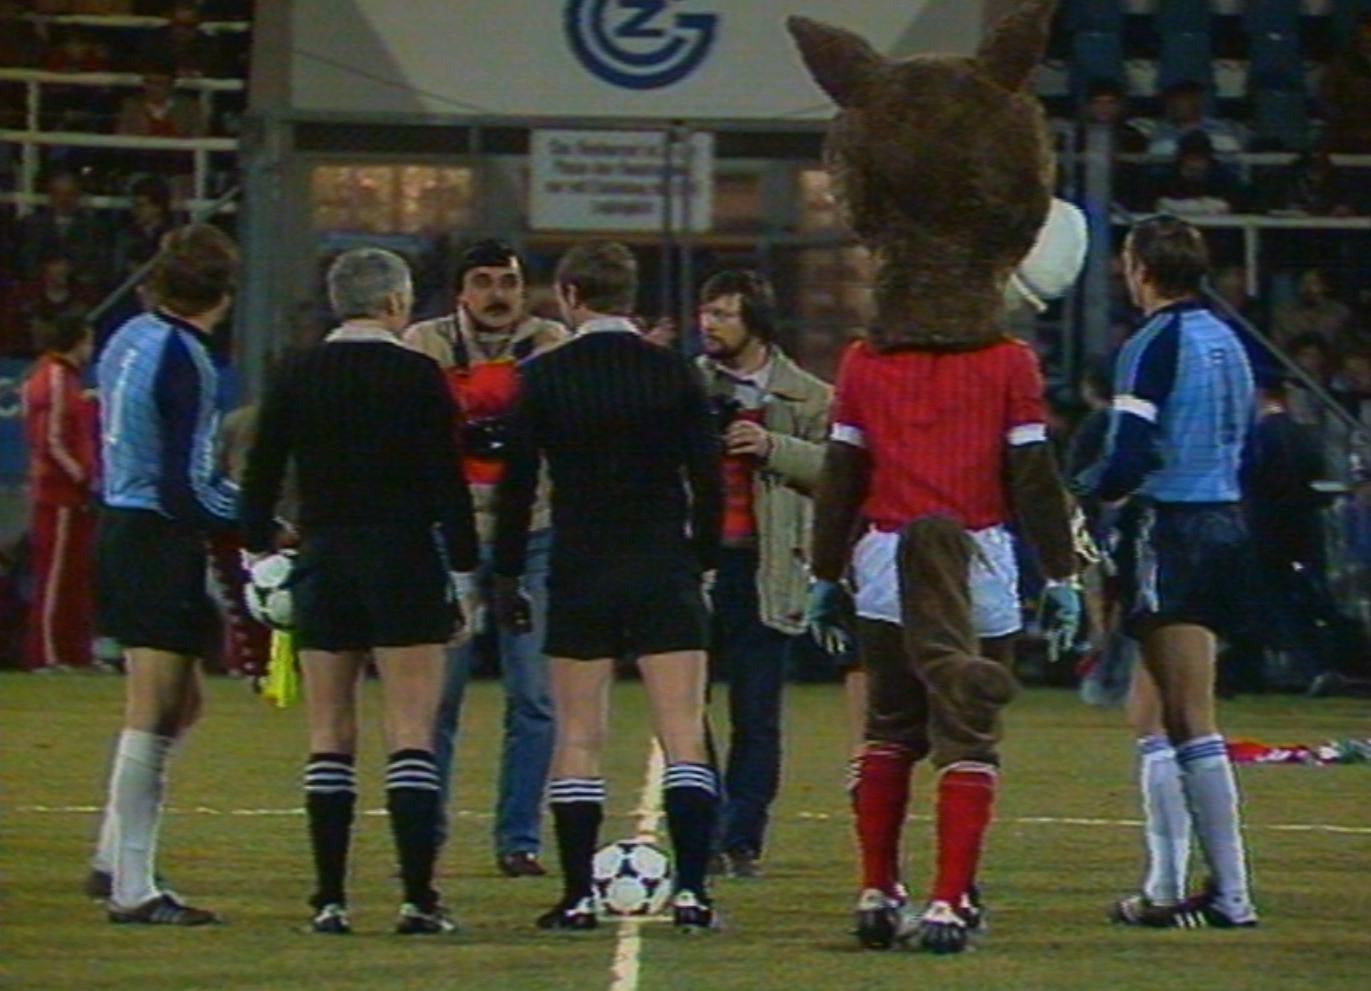 Taki widok zdarza się nieczęsto. W meczu Szwajcaria – Polska w roli kapitanów wystąpili bramkarze: Józef Młynarczyk (pierwszy z lewej) i Roger Berbig. Każdy z nich musiał raz sięgnąć po piłkę do siatki.